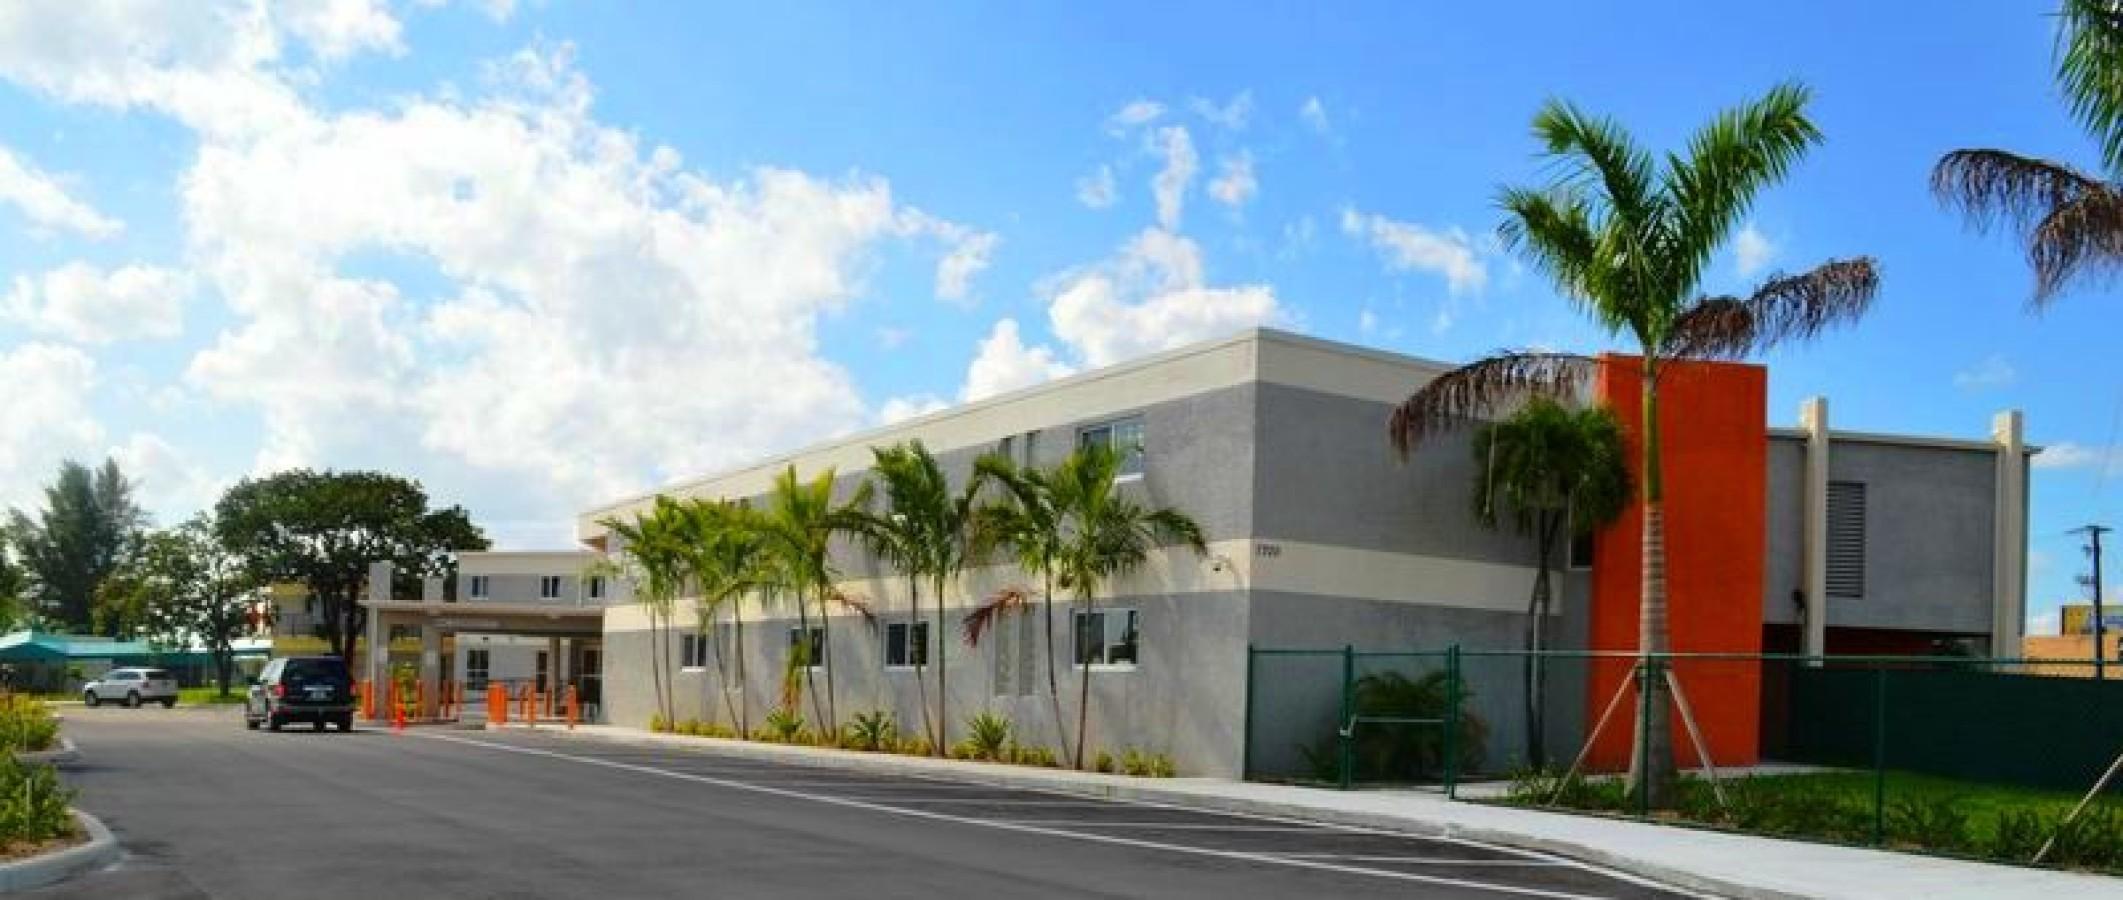 F.p.g. Home Design Center